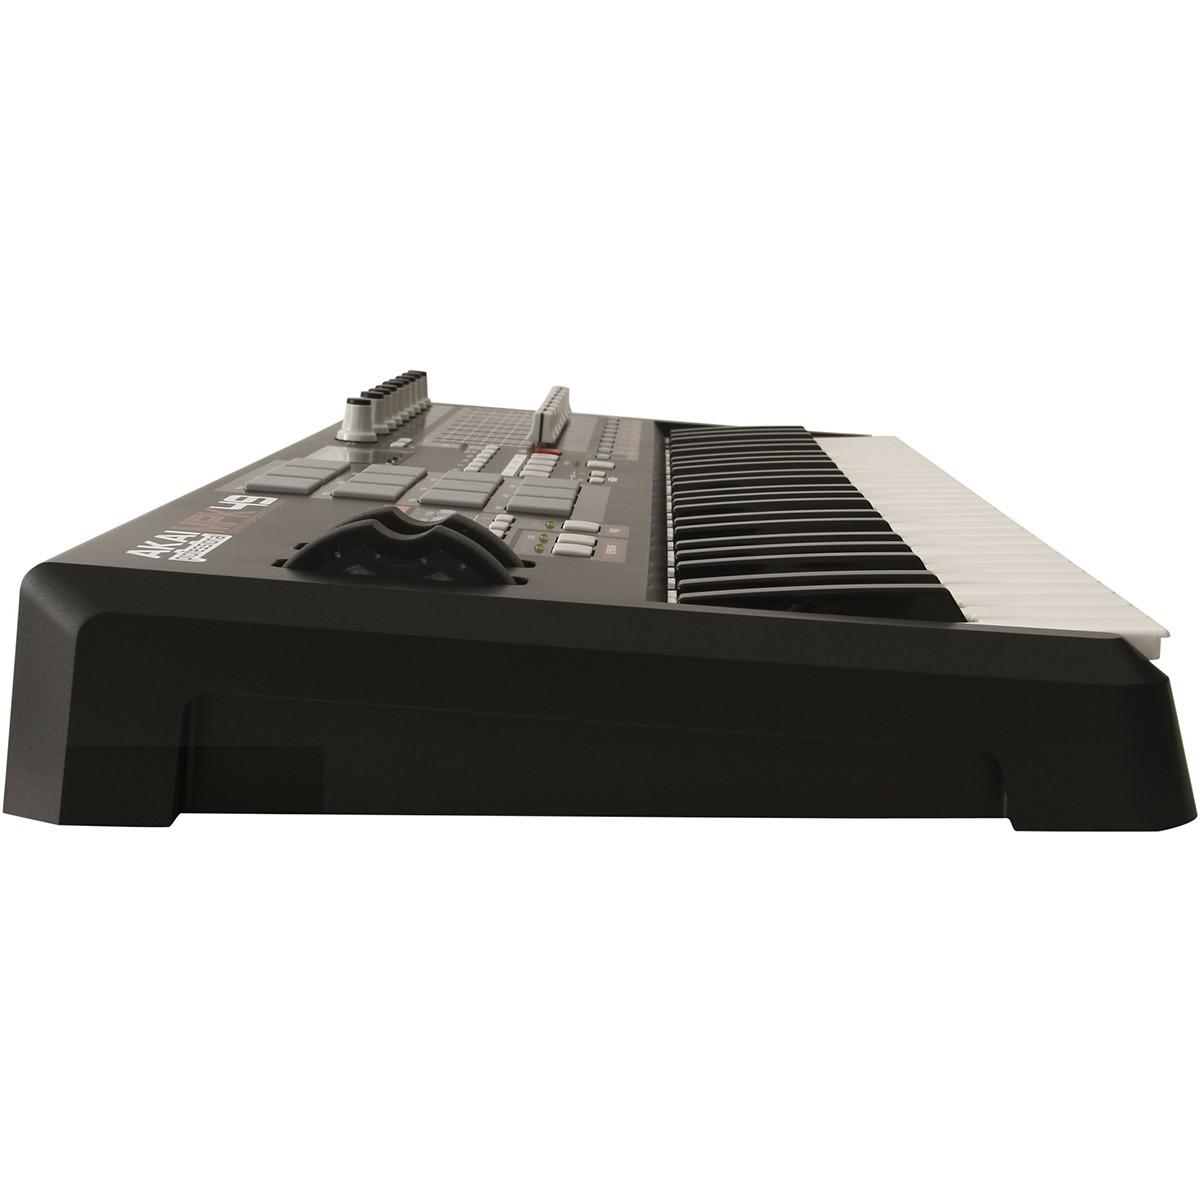 Akai MPK49 Teclado Controlador, Midi, Com MPC Pads, Usb, Bivolt